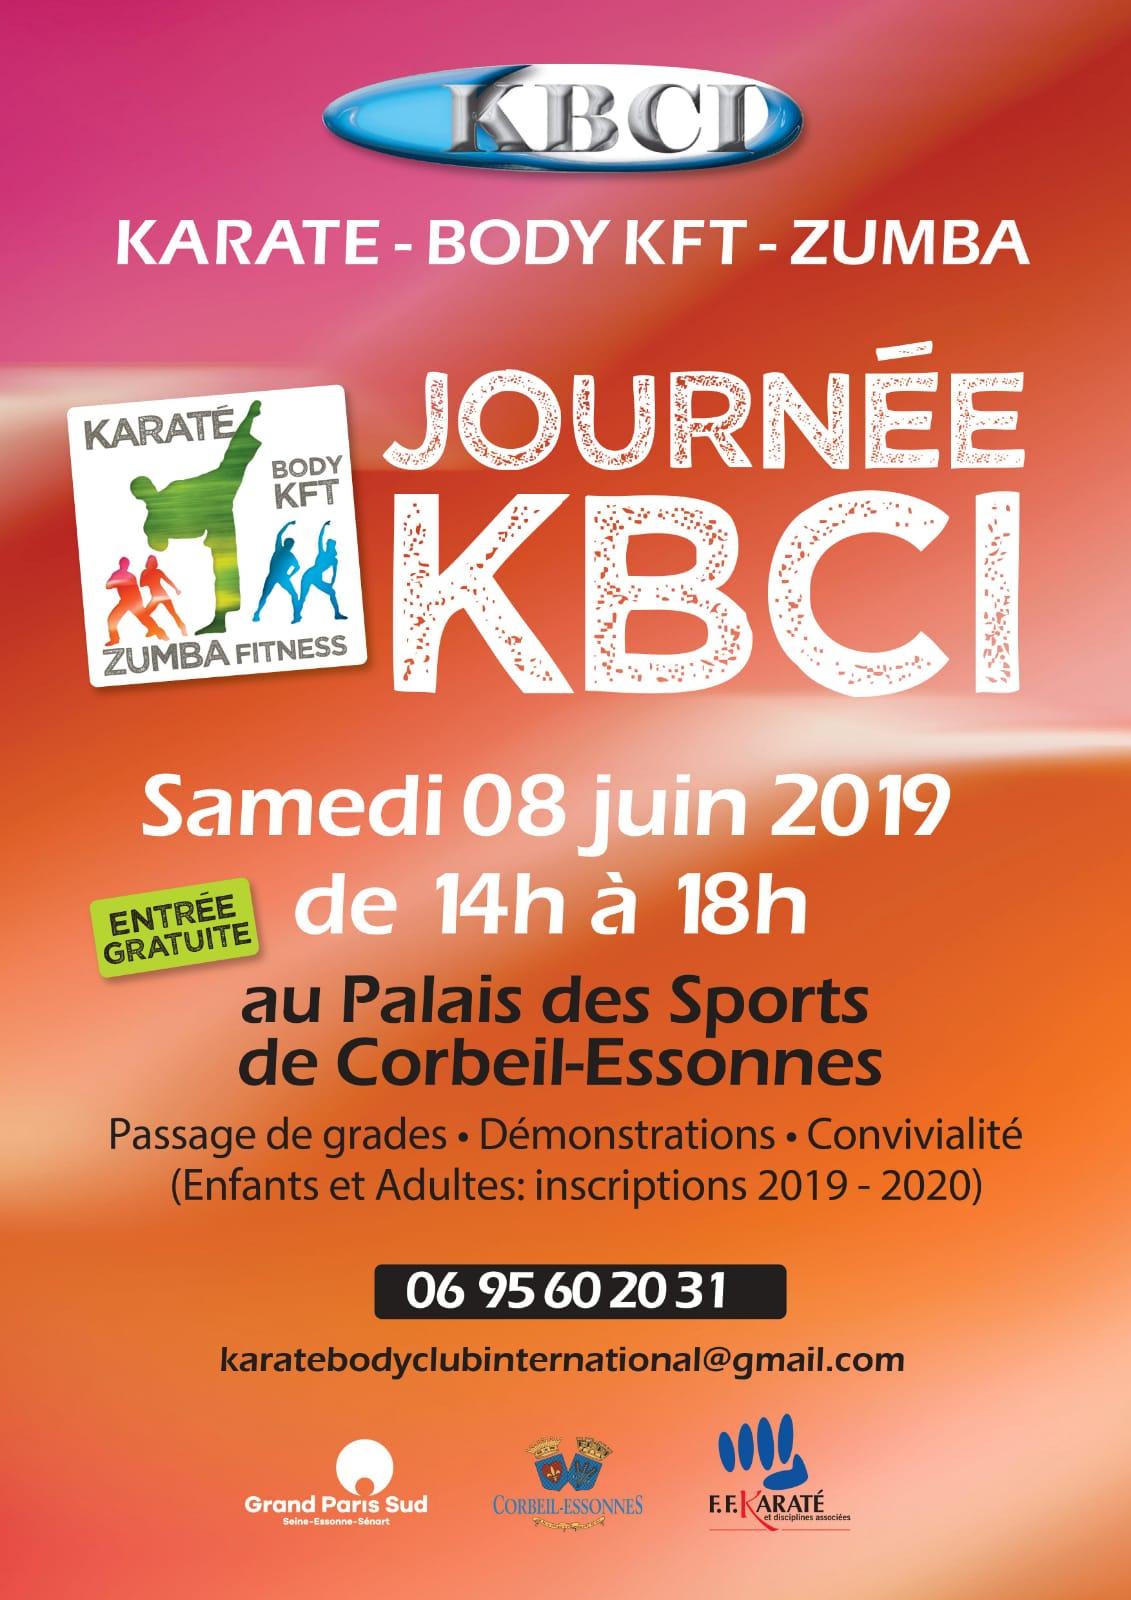 Kbci 8 juin 2019 a3